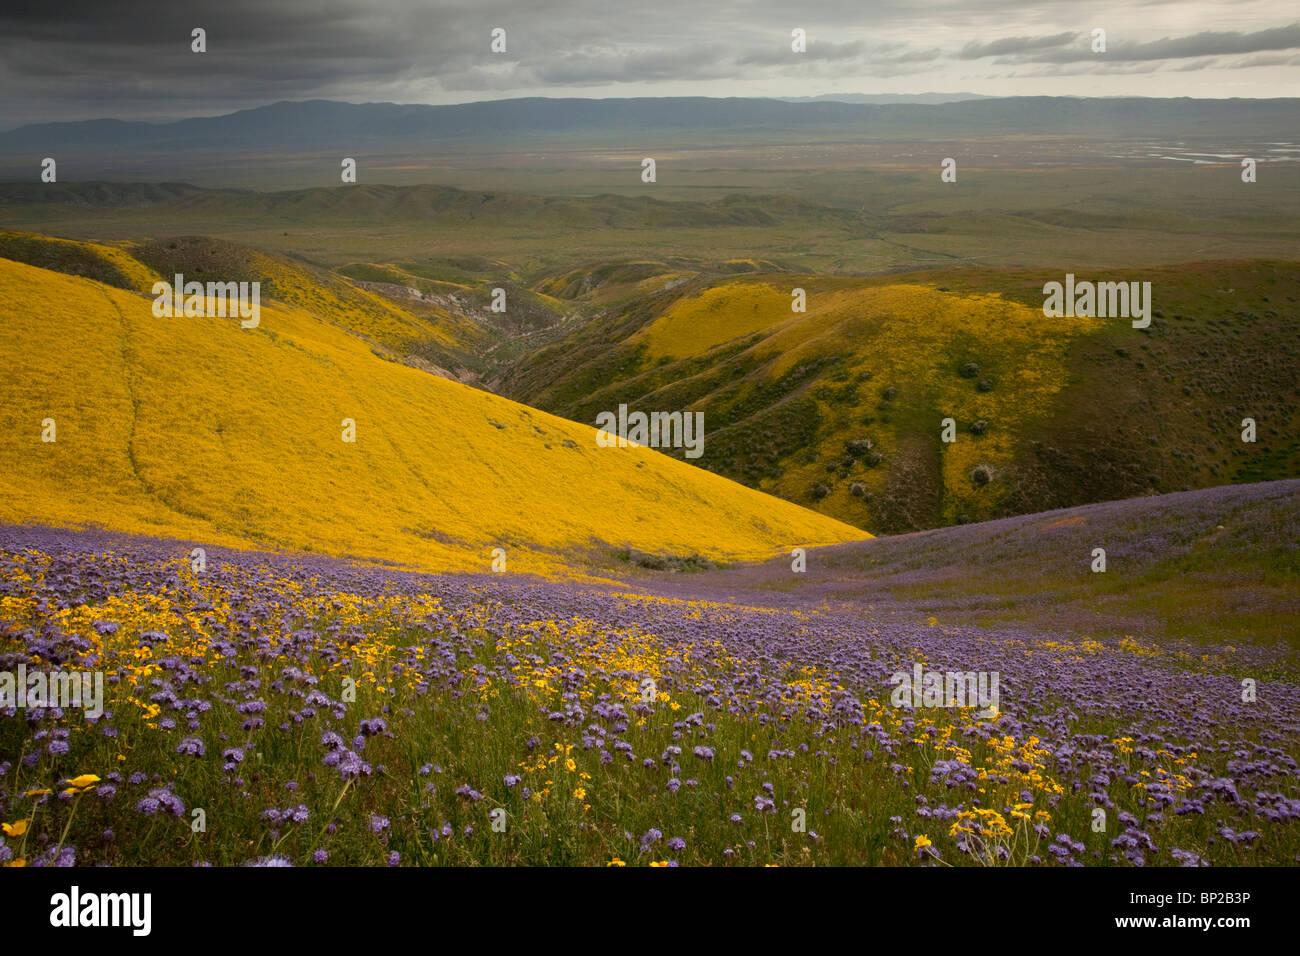 Espectaculares masas de primavera de flores silvestres, principalmente en la ladera y Daisy Phacelia, en el rango Imagen De Stock